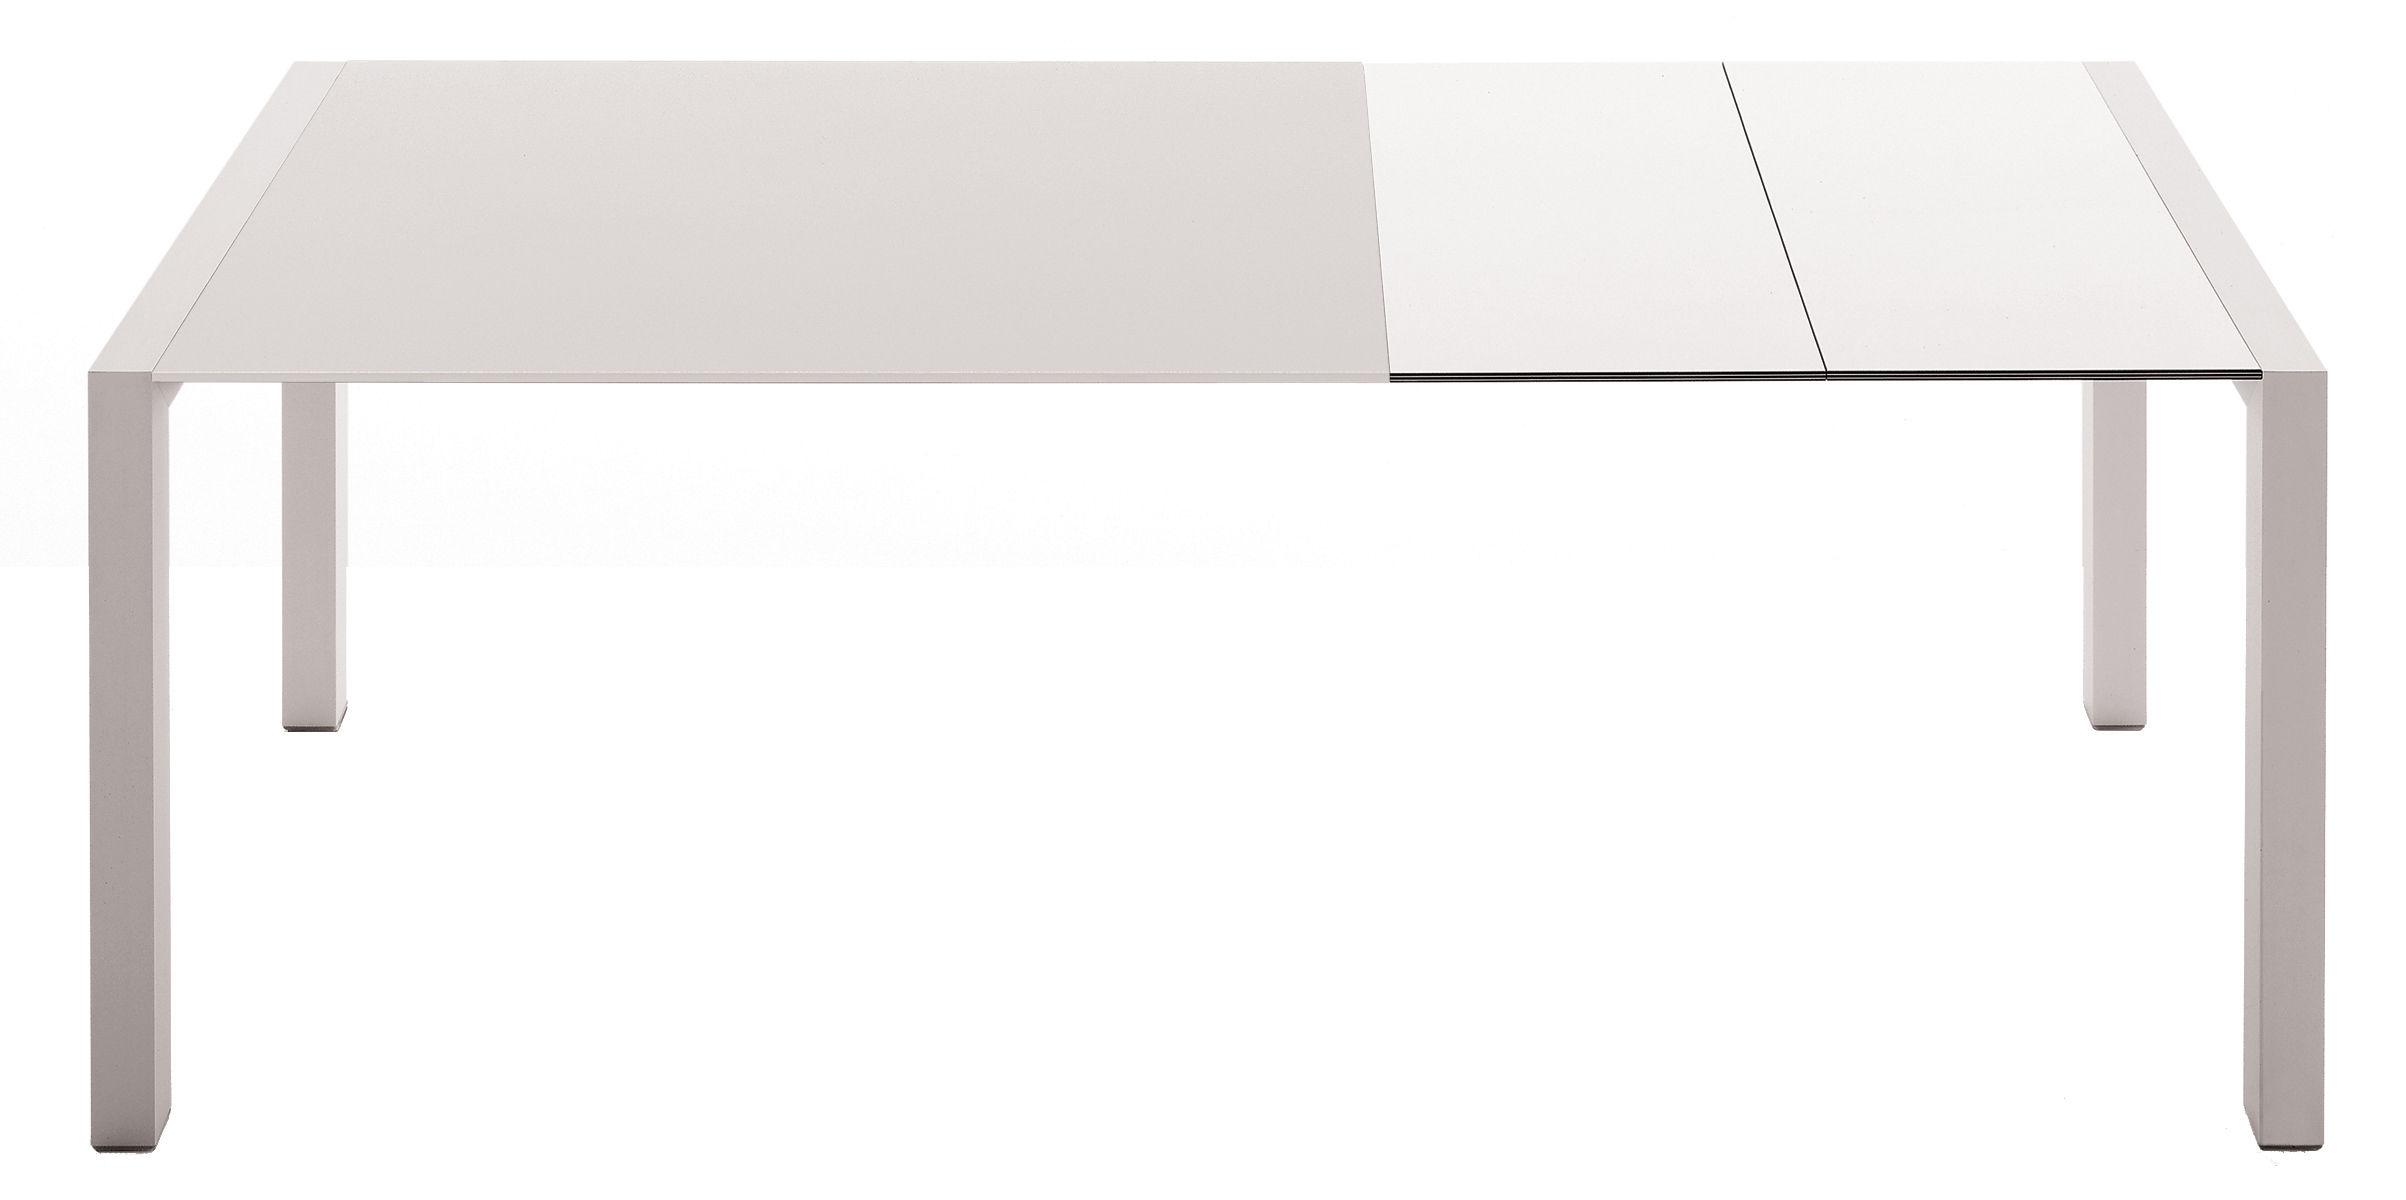 Tendenze - A tavola! - Tavolo con prolunga Sushi - Estensibile di Kristalia - Piano in vetro bianco / Prolunghe laminate bianche - Alluminio anodizzato, Laminato stratificato, Vetro verniciato